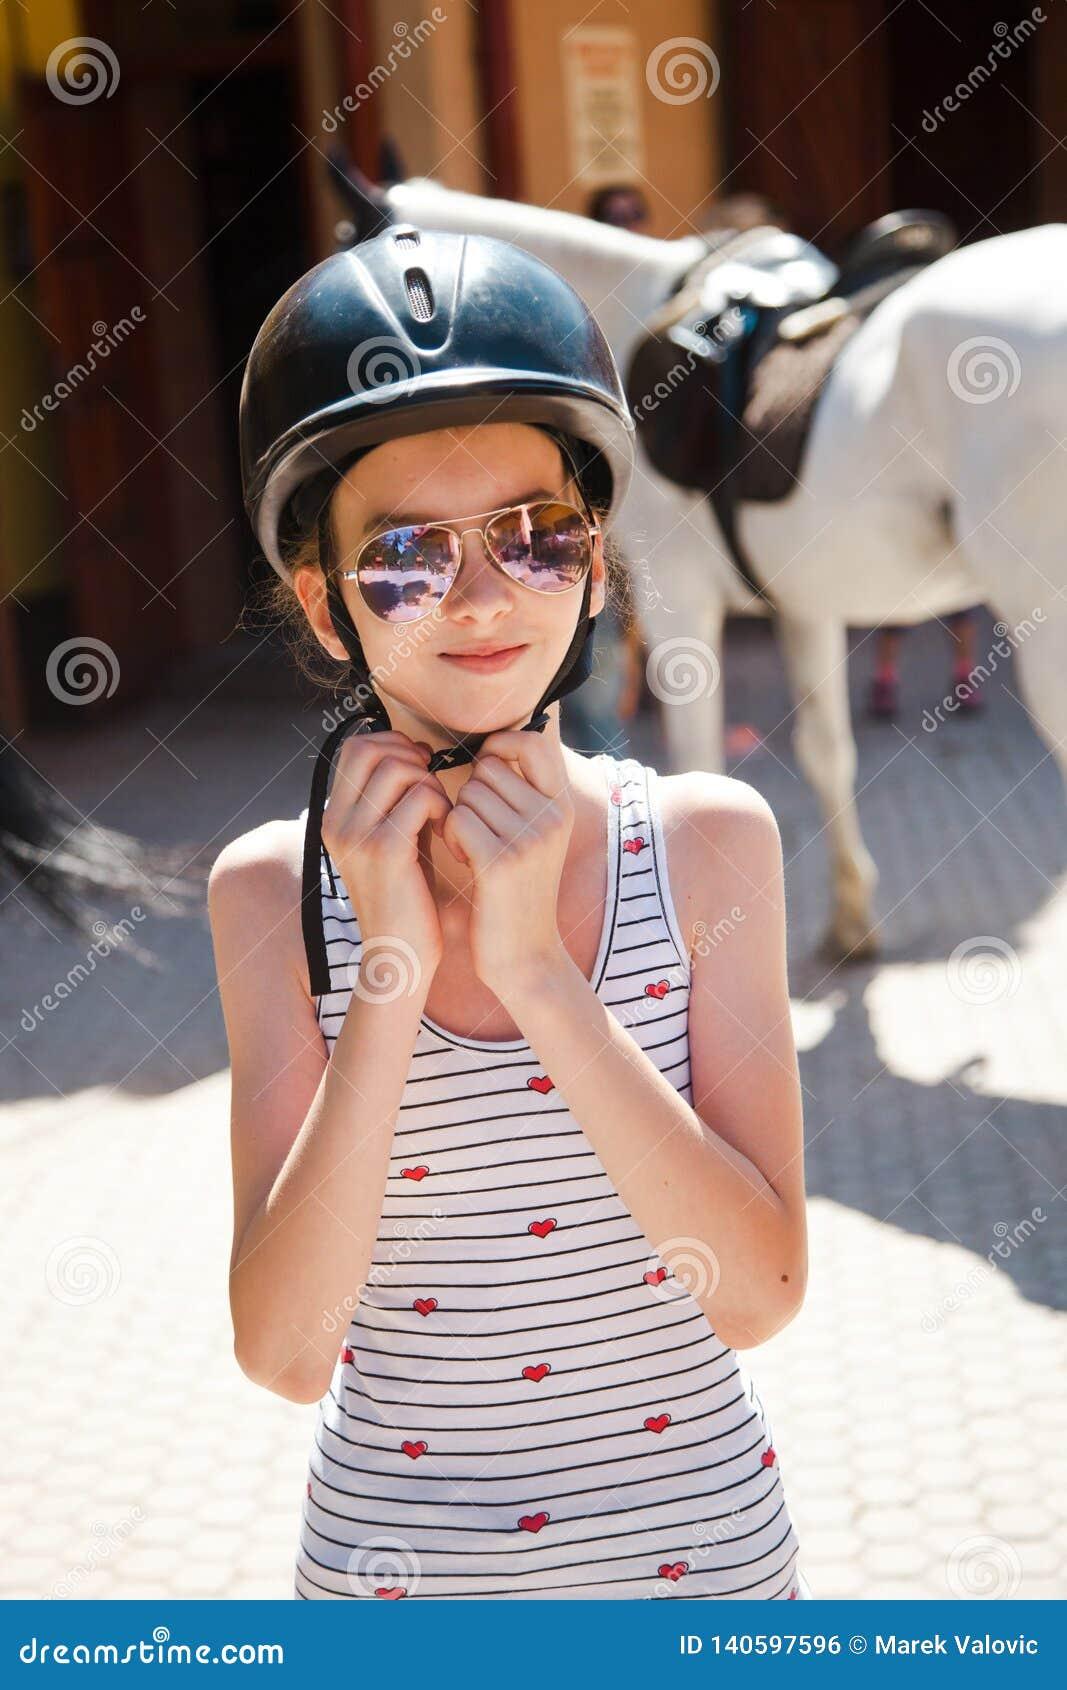 Teenaged girl wearing her helmet before training